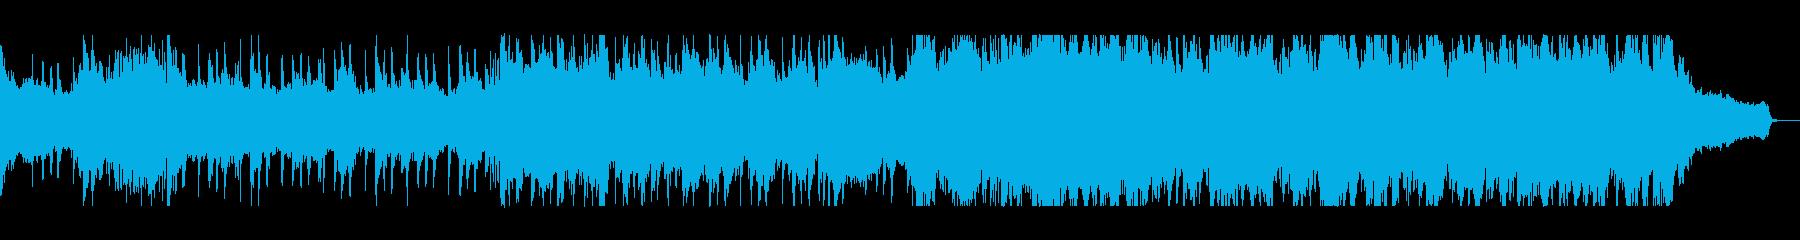 シリアスなバイオリンピアノサウンドの再生済みの波形